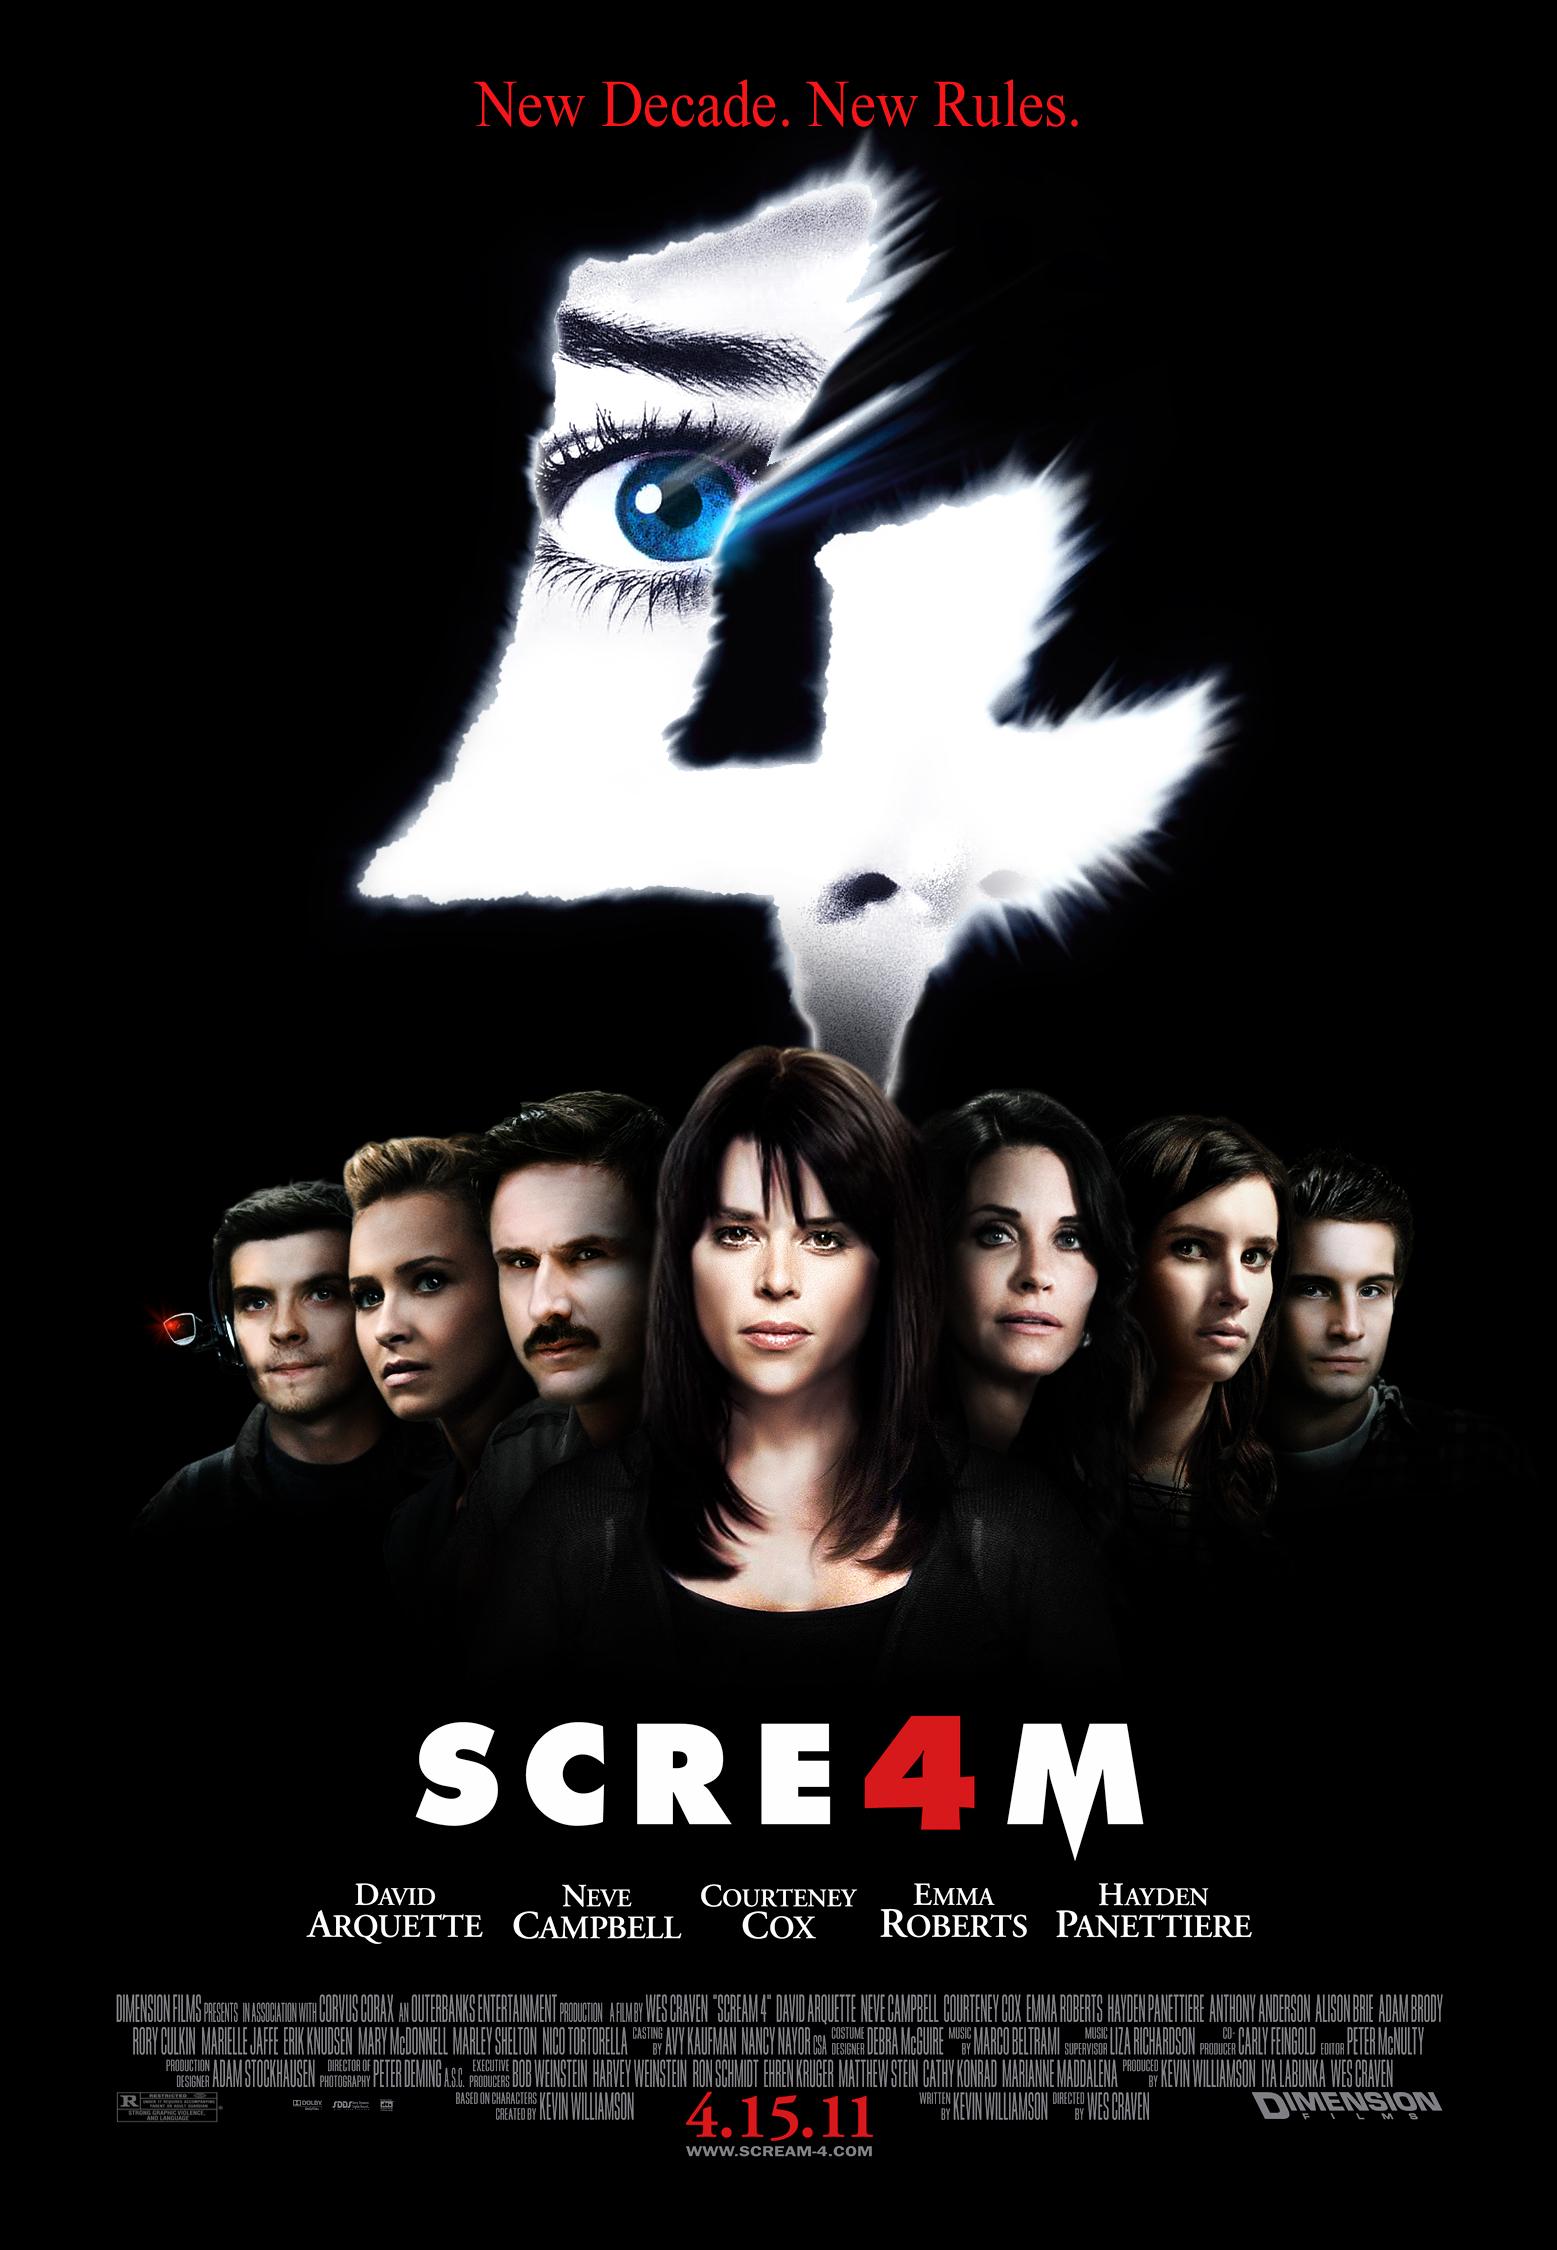 scream4poster.jpg